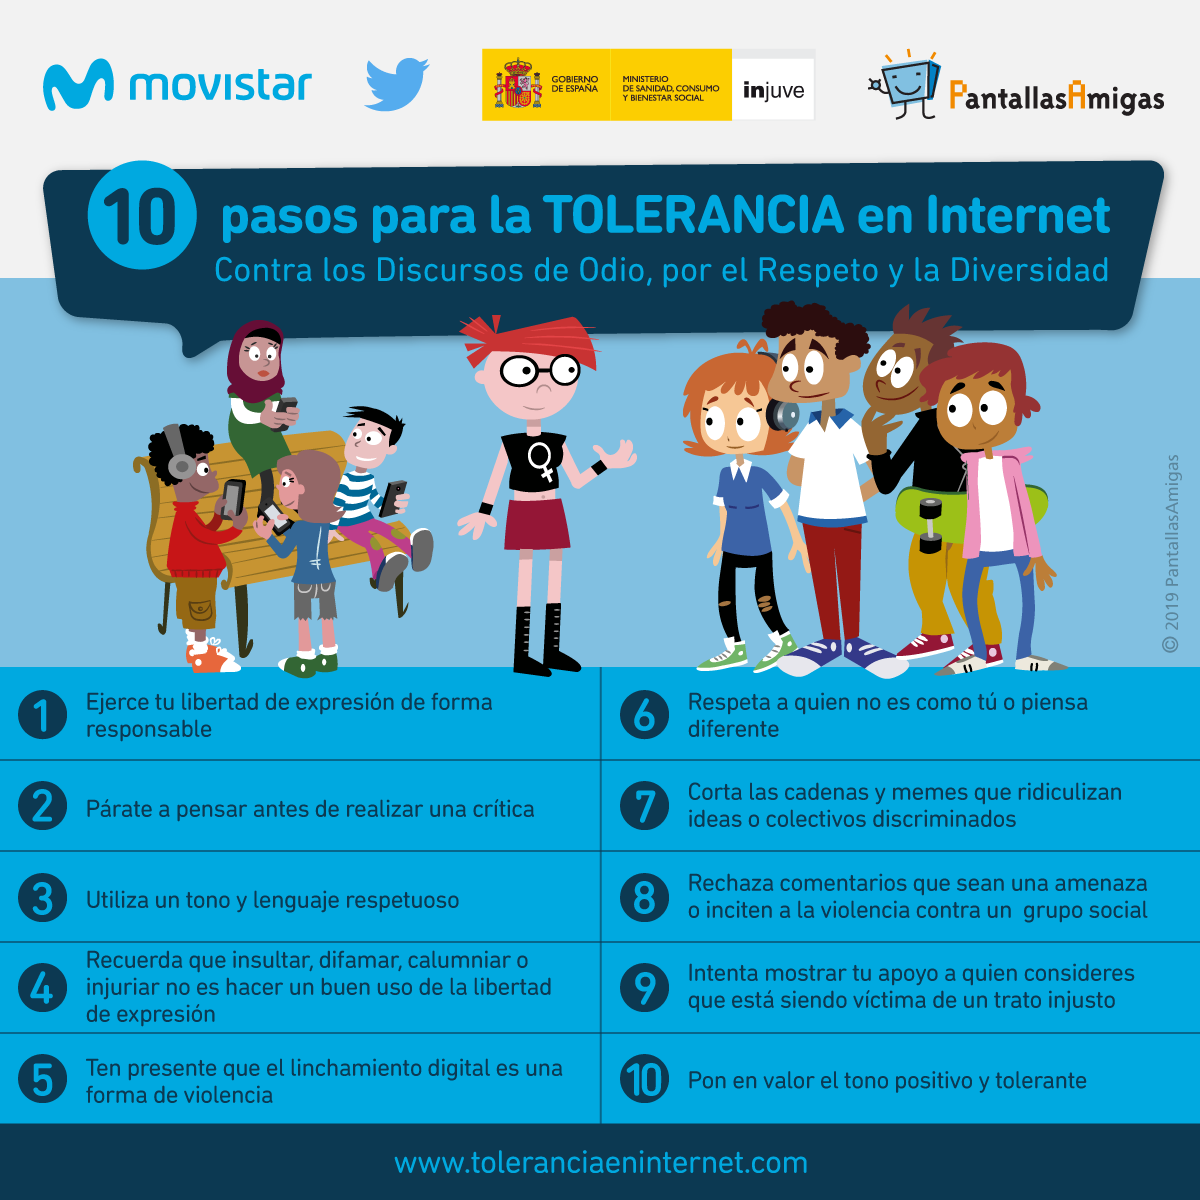 10 pasos para la tolerancia en Internet